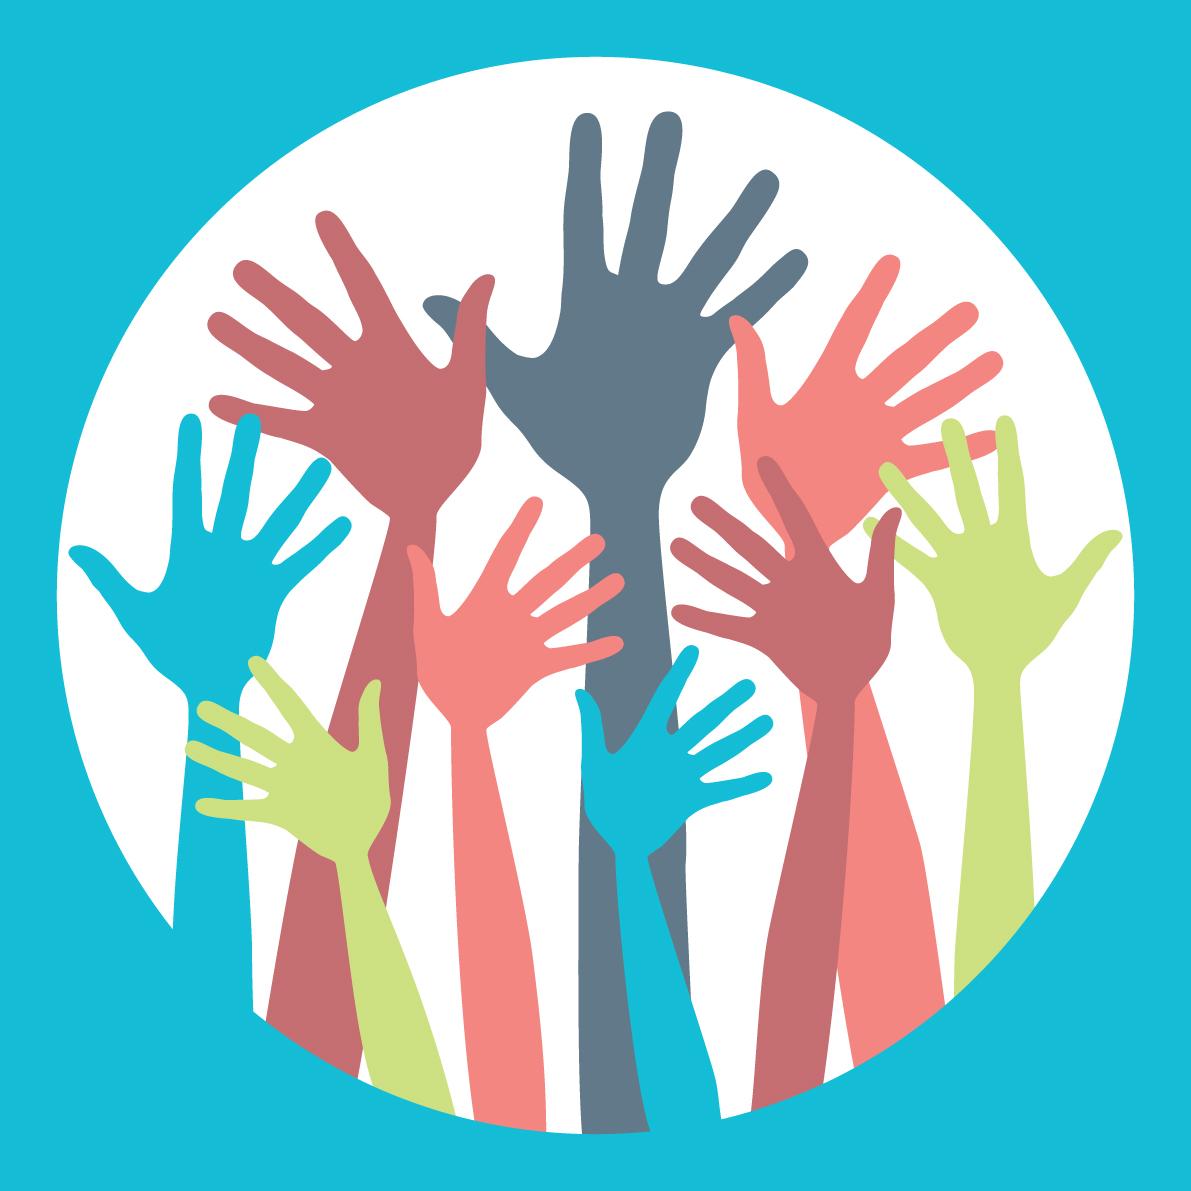 1191x1191 Volunteerism Servant Leadership